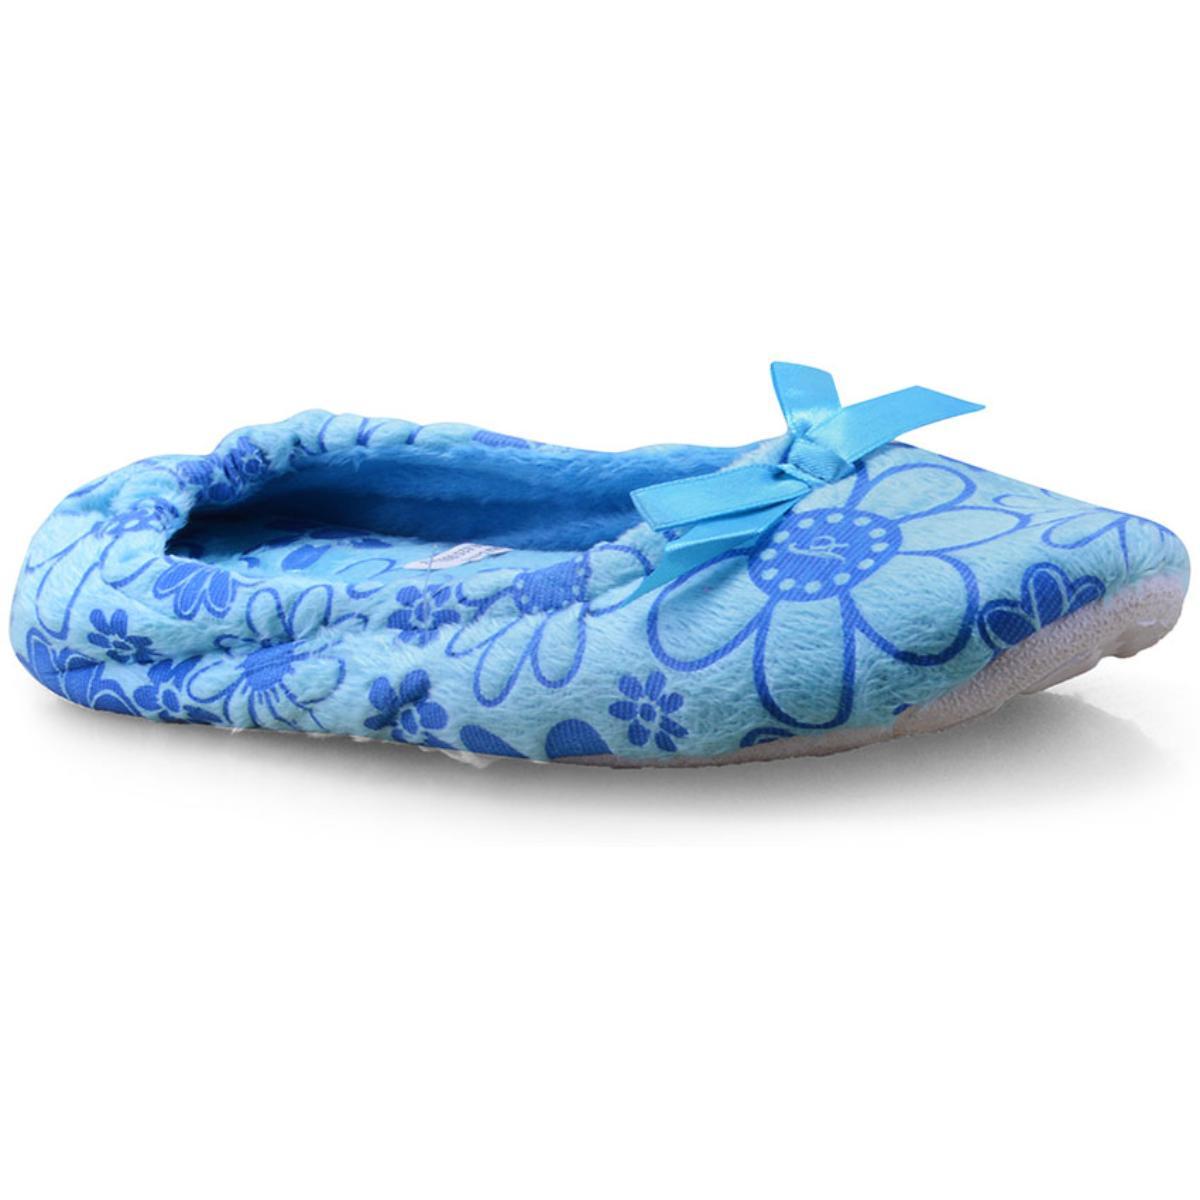 Pantufa Feminina Gasf 5670 Azul